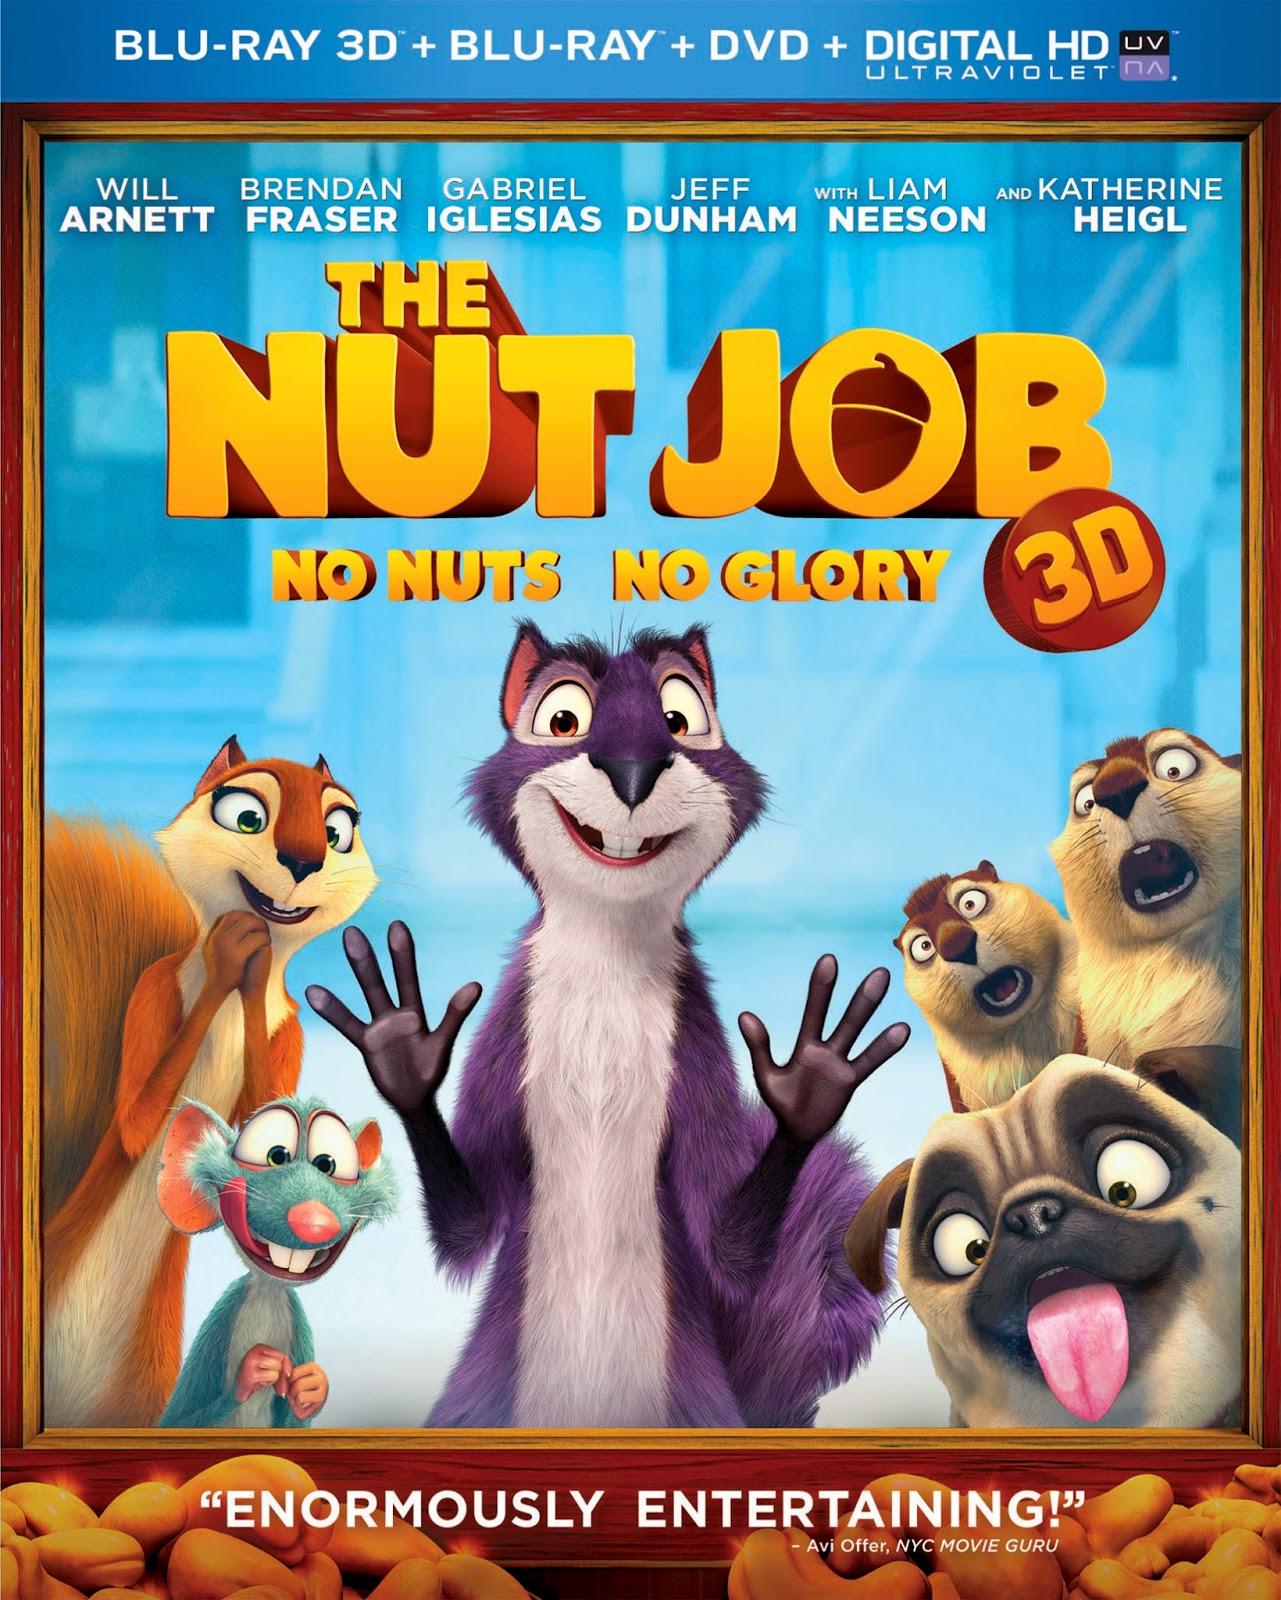 http://www.amazon.com/Nut-Job-Blu-ray-DIGITAL-UltraViolet/dp/B00HLTD2ZS/